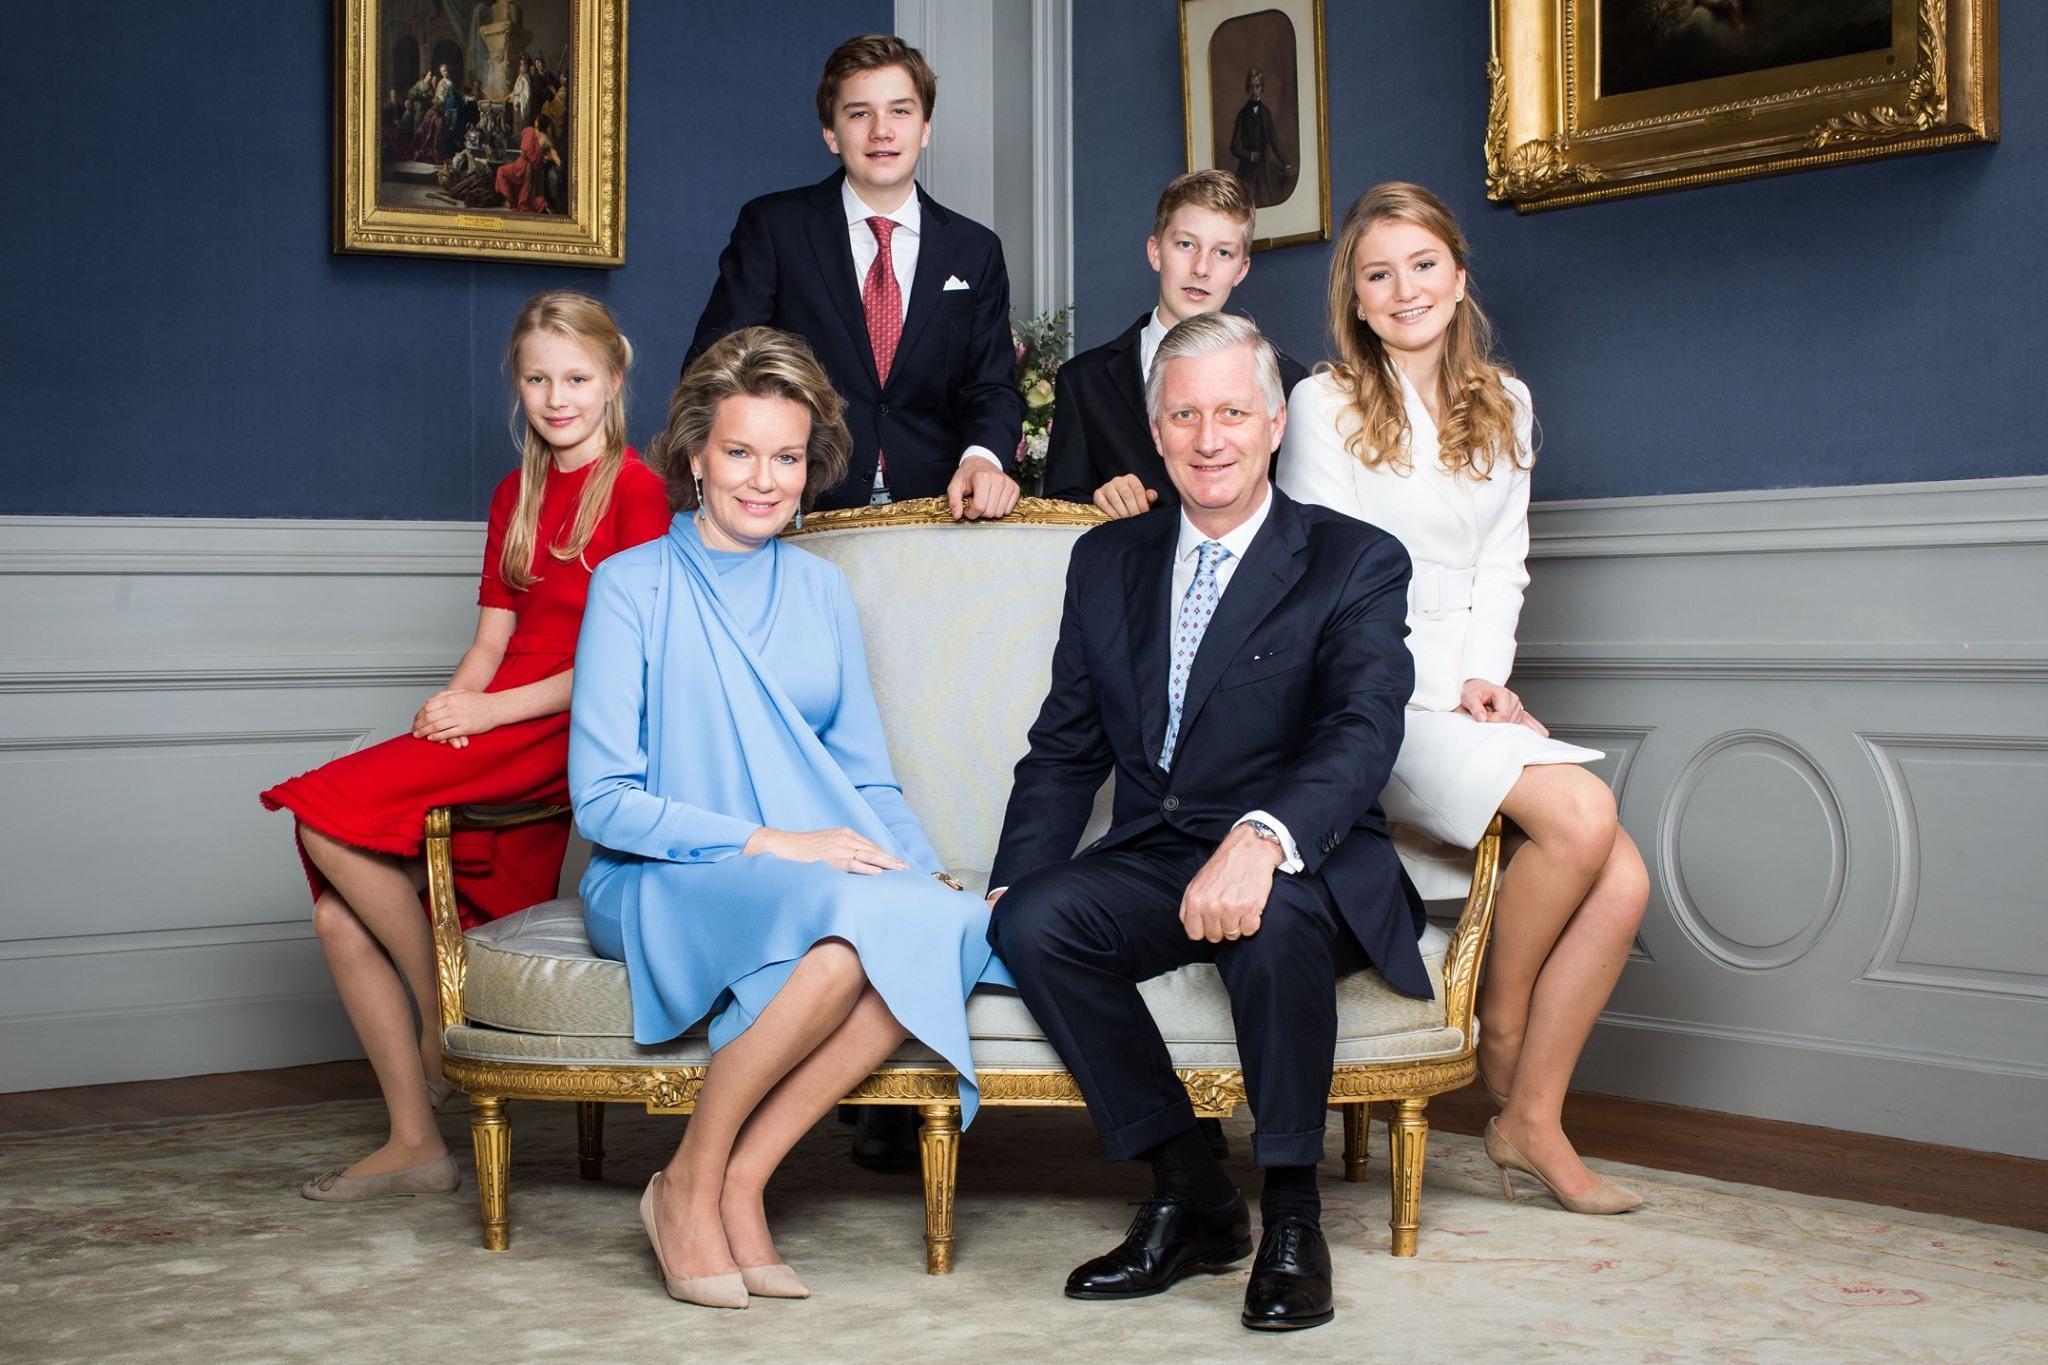 Das belgische Königspaar zeigt sich auf diesem offiziellen Foto mit seinenKindern Prinzessin Eléonore, Prinz Emmanuel, PrinzGabriel und Prinzessin Elisabeth.